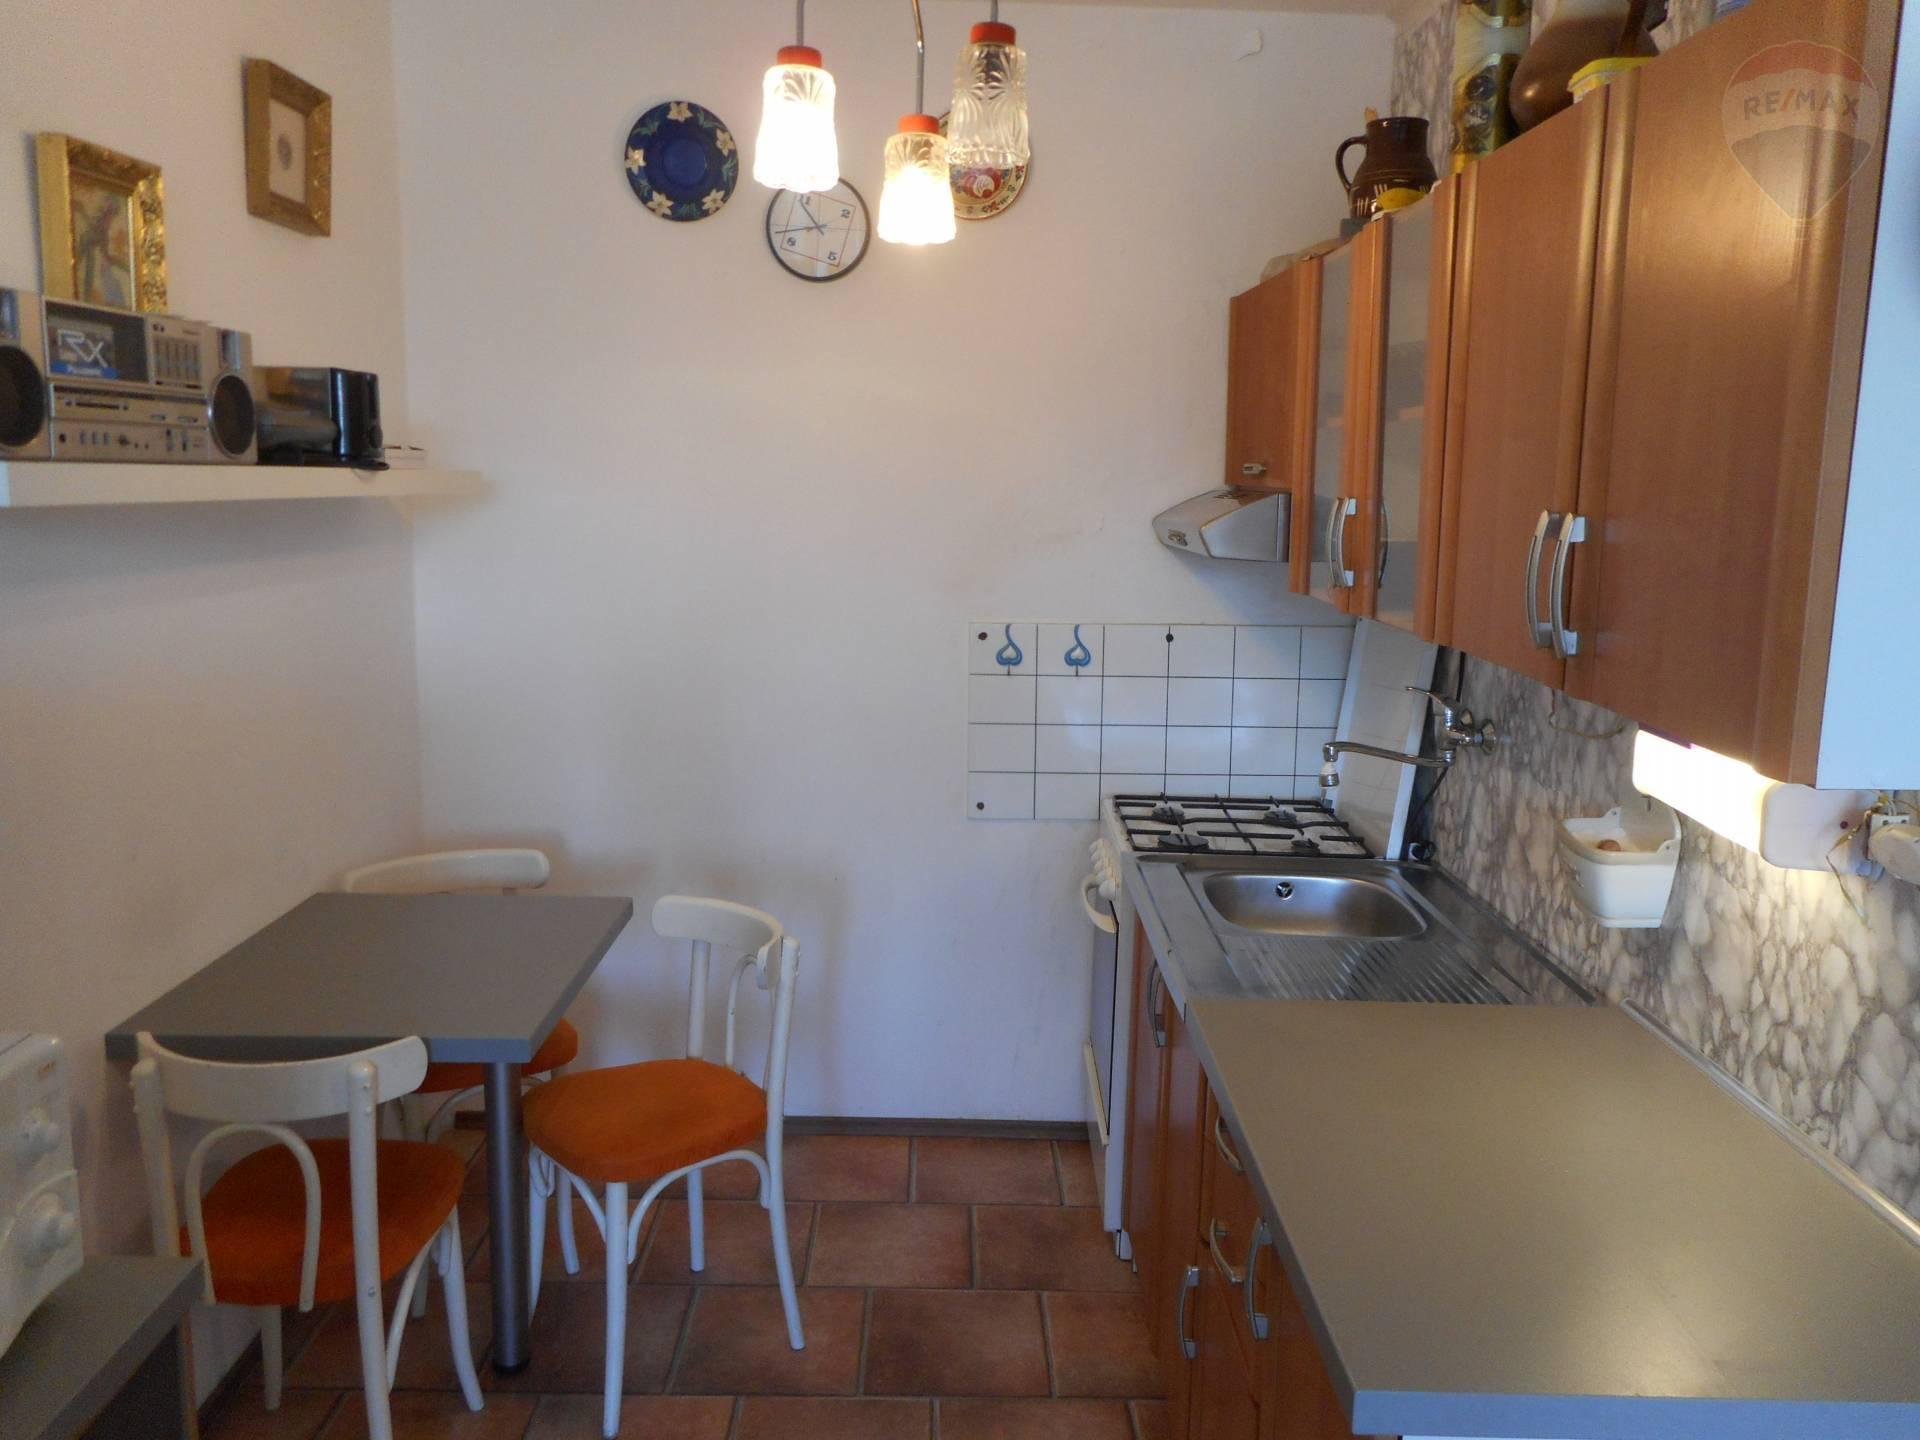 Predaj bytu (2 izbový) 43 m2, Košice - Nad jazerom - Na predaj 2 izbový byt ,pôvodný stav ,Košice nad jazerom